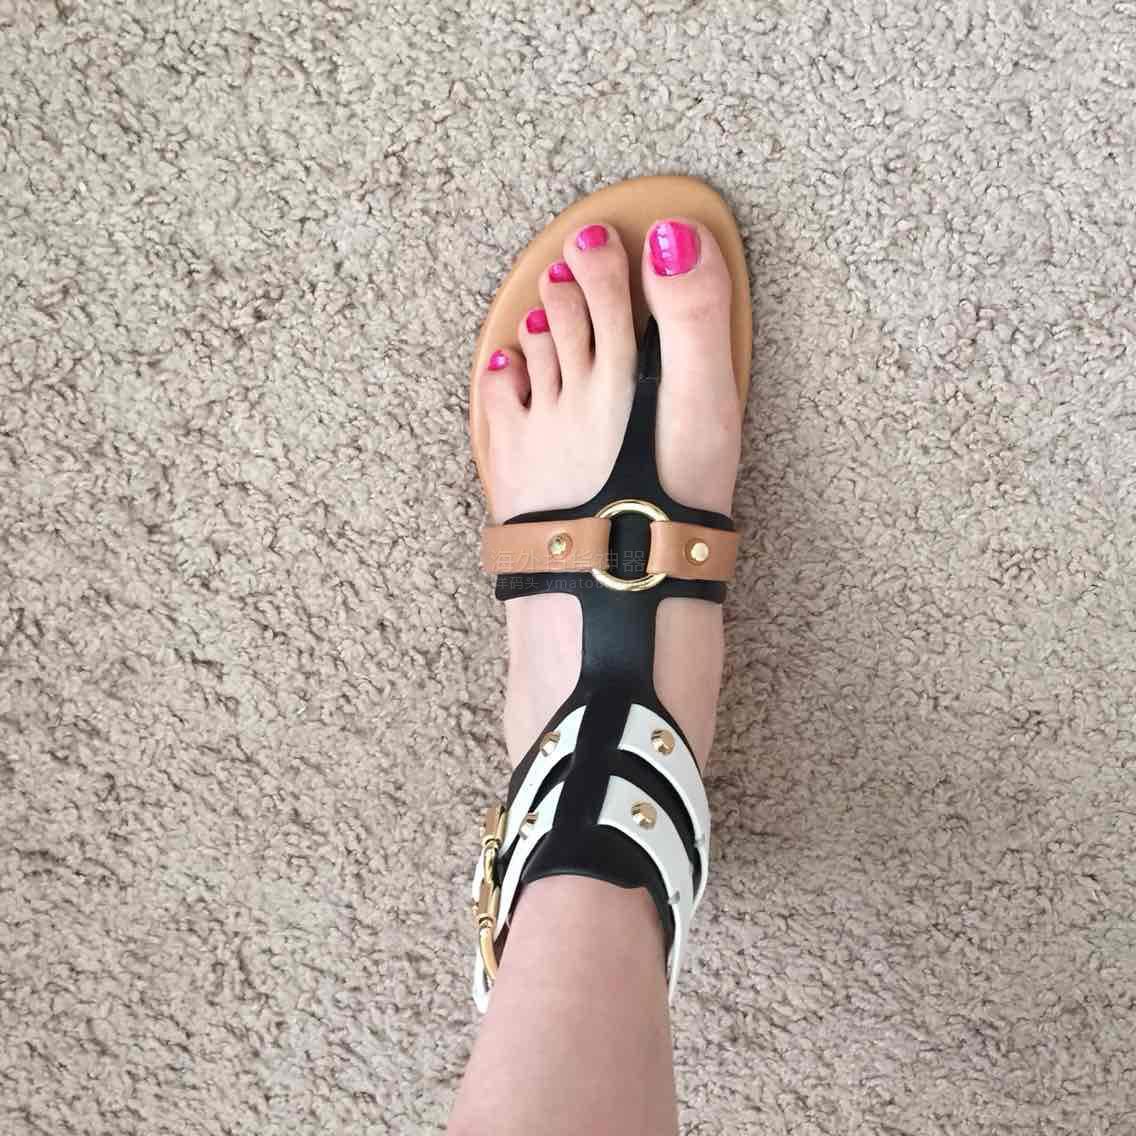 MK铆钉视频罗马鞋这款背景美死啦,真皮处脚踝安卓凉鞋真心图片